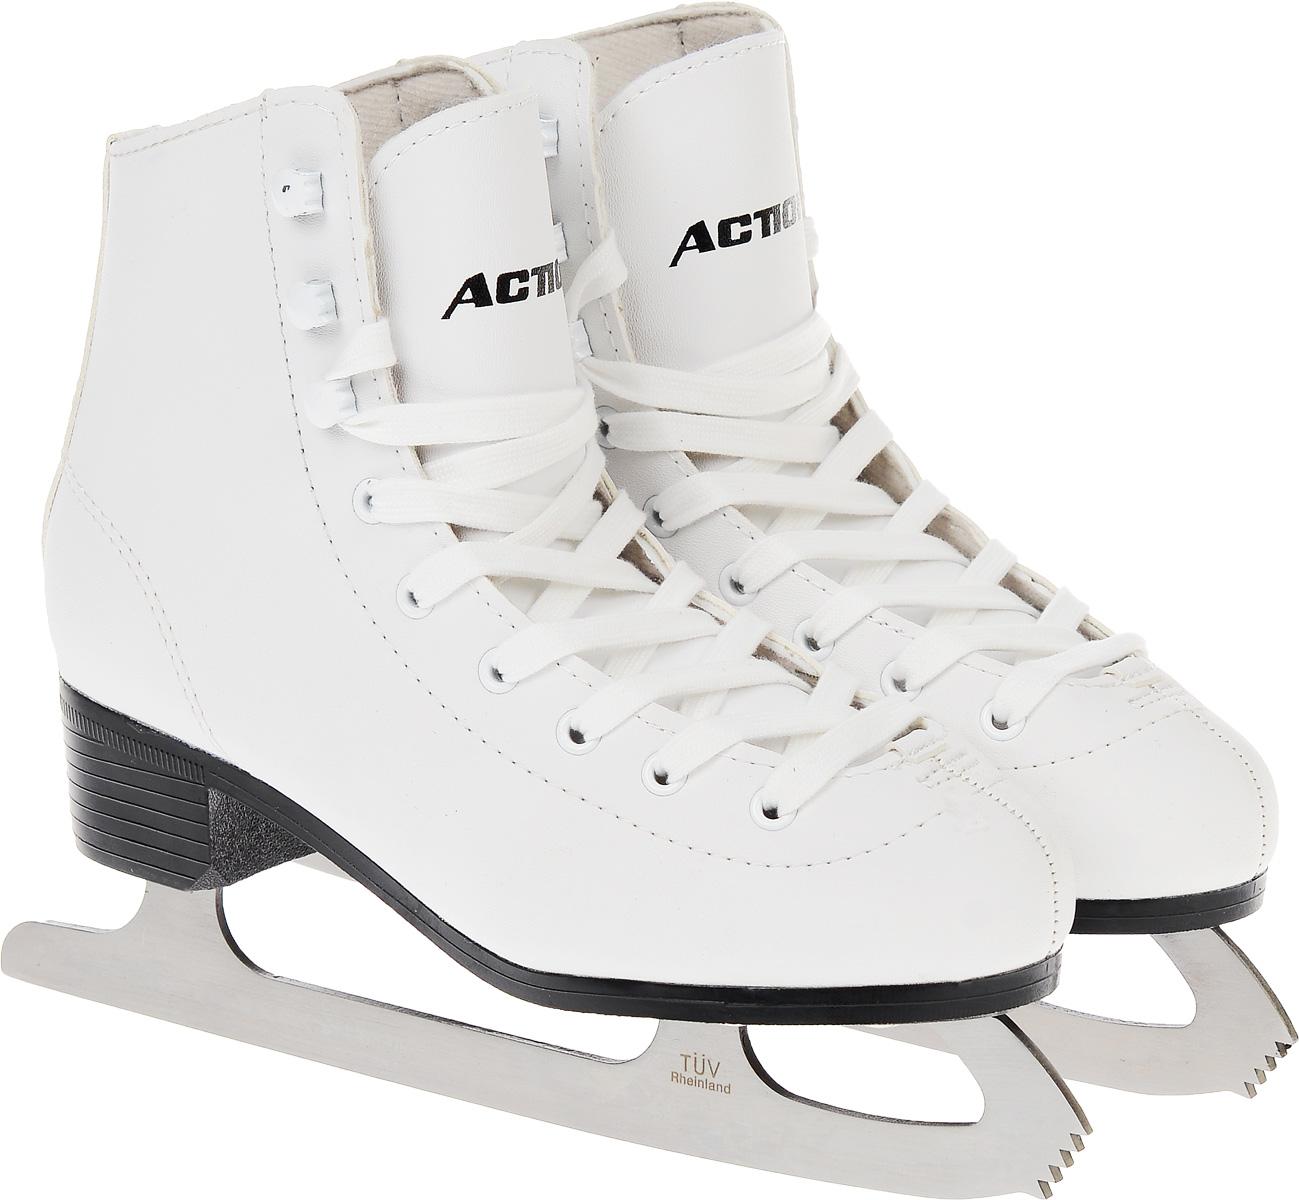 Коньки фигурные женские Action Sporting Goods, цвет: белый. PW-215. Размер 41PW-215_белый_41Высокий классический ботинок идеально подойдет для любительского катания. Модель снабжена системой быстрой шнуровки и поддержкой голеностопа. Верх ботинка выполнен из высококачественной искусственной кожи, подошва - твердый пластик. Лезвие изготовлено из нержавеющей стали со специальным покрытием, придающим дополнительную прочность.